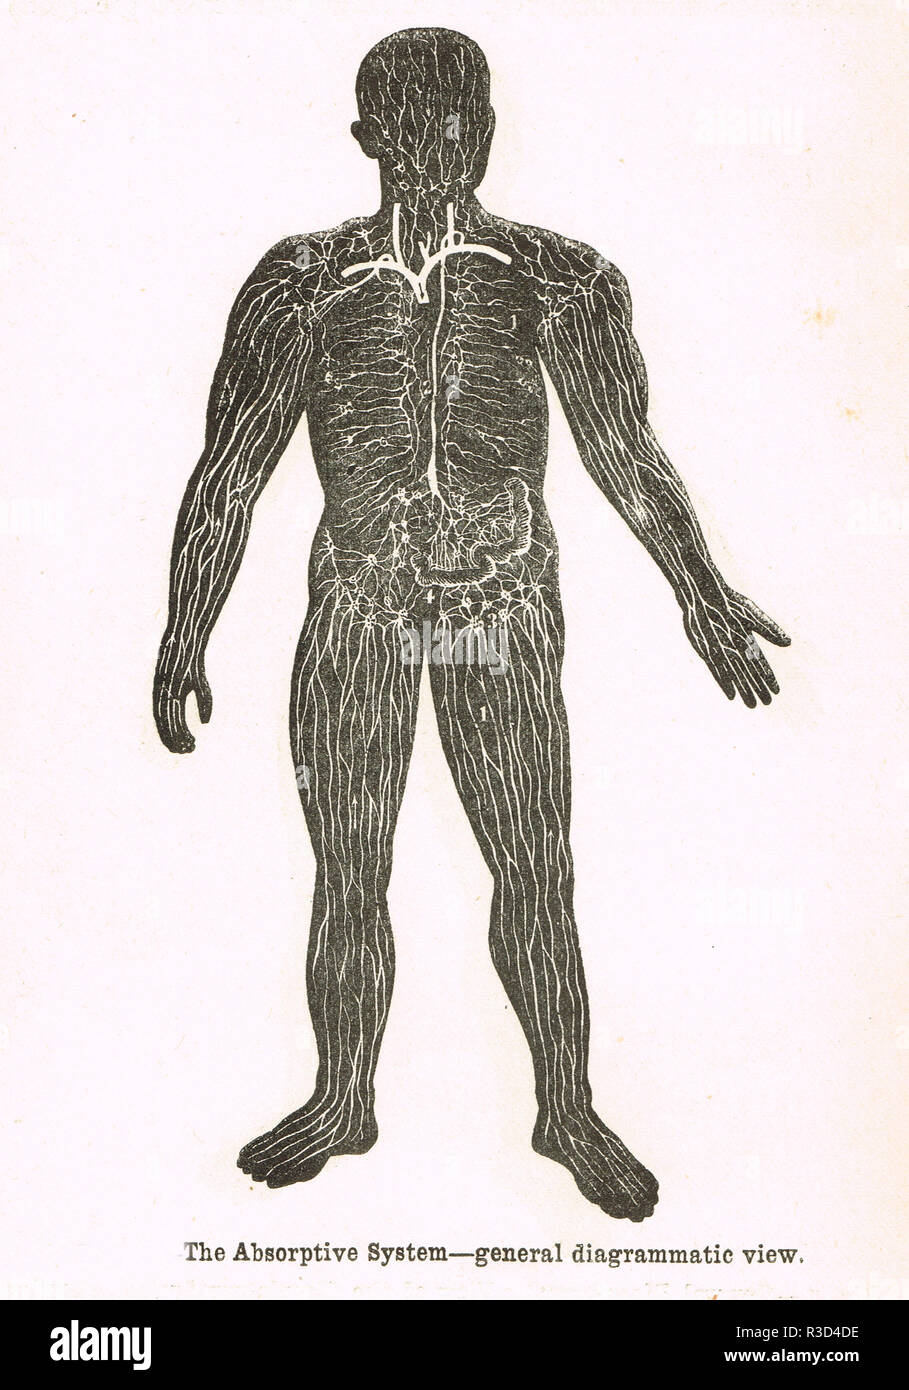 Die absorptionskapazität System, menschlichen Körper. Diagramm aus dem 19. Jahrhundert. Stockbild